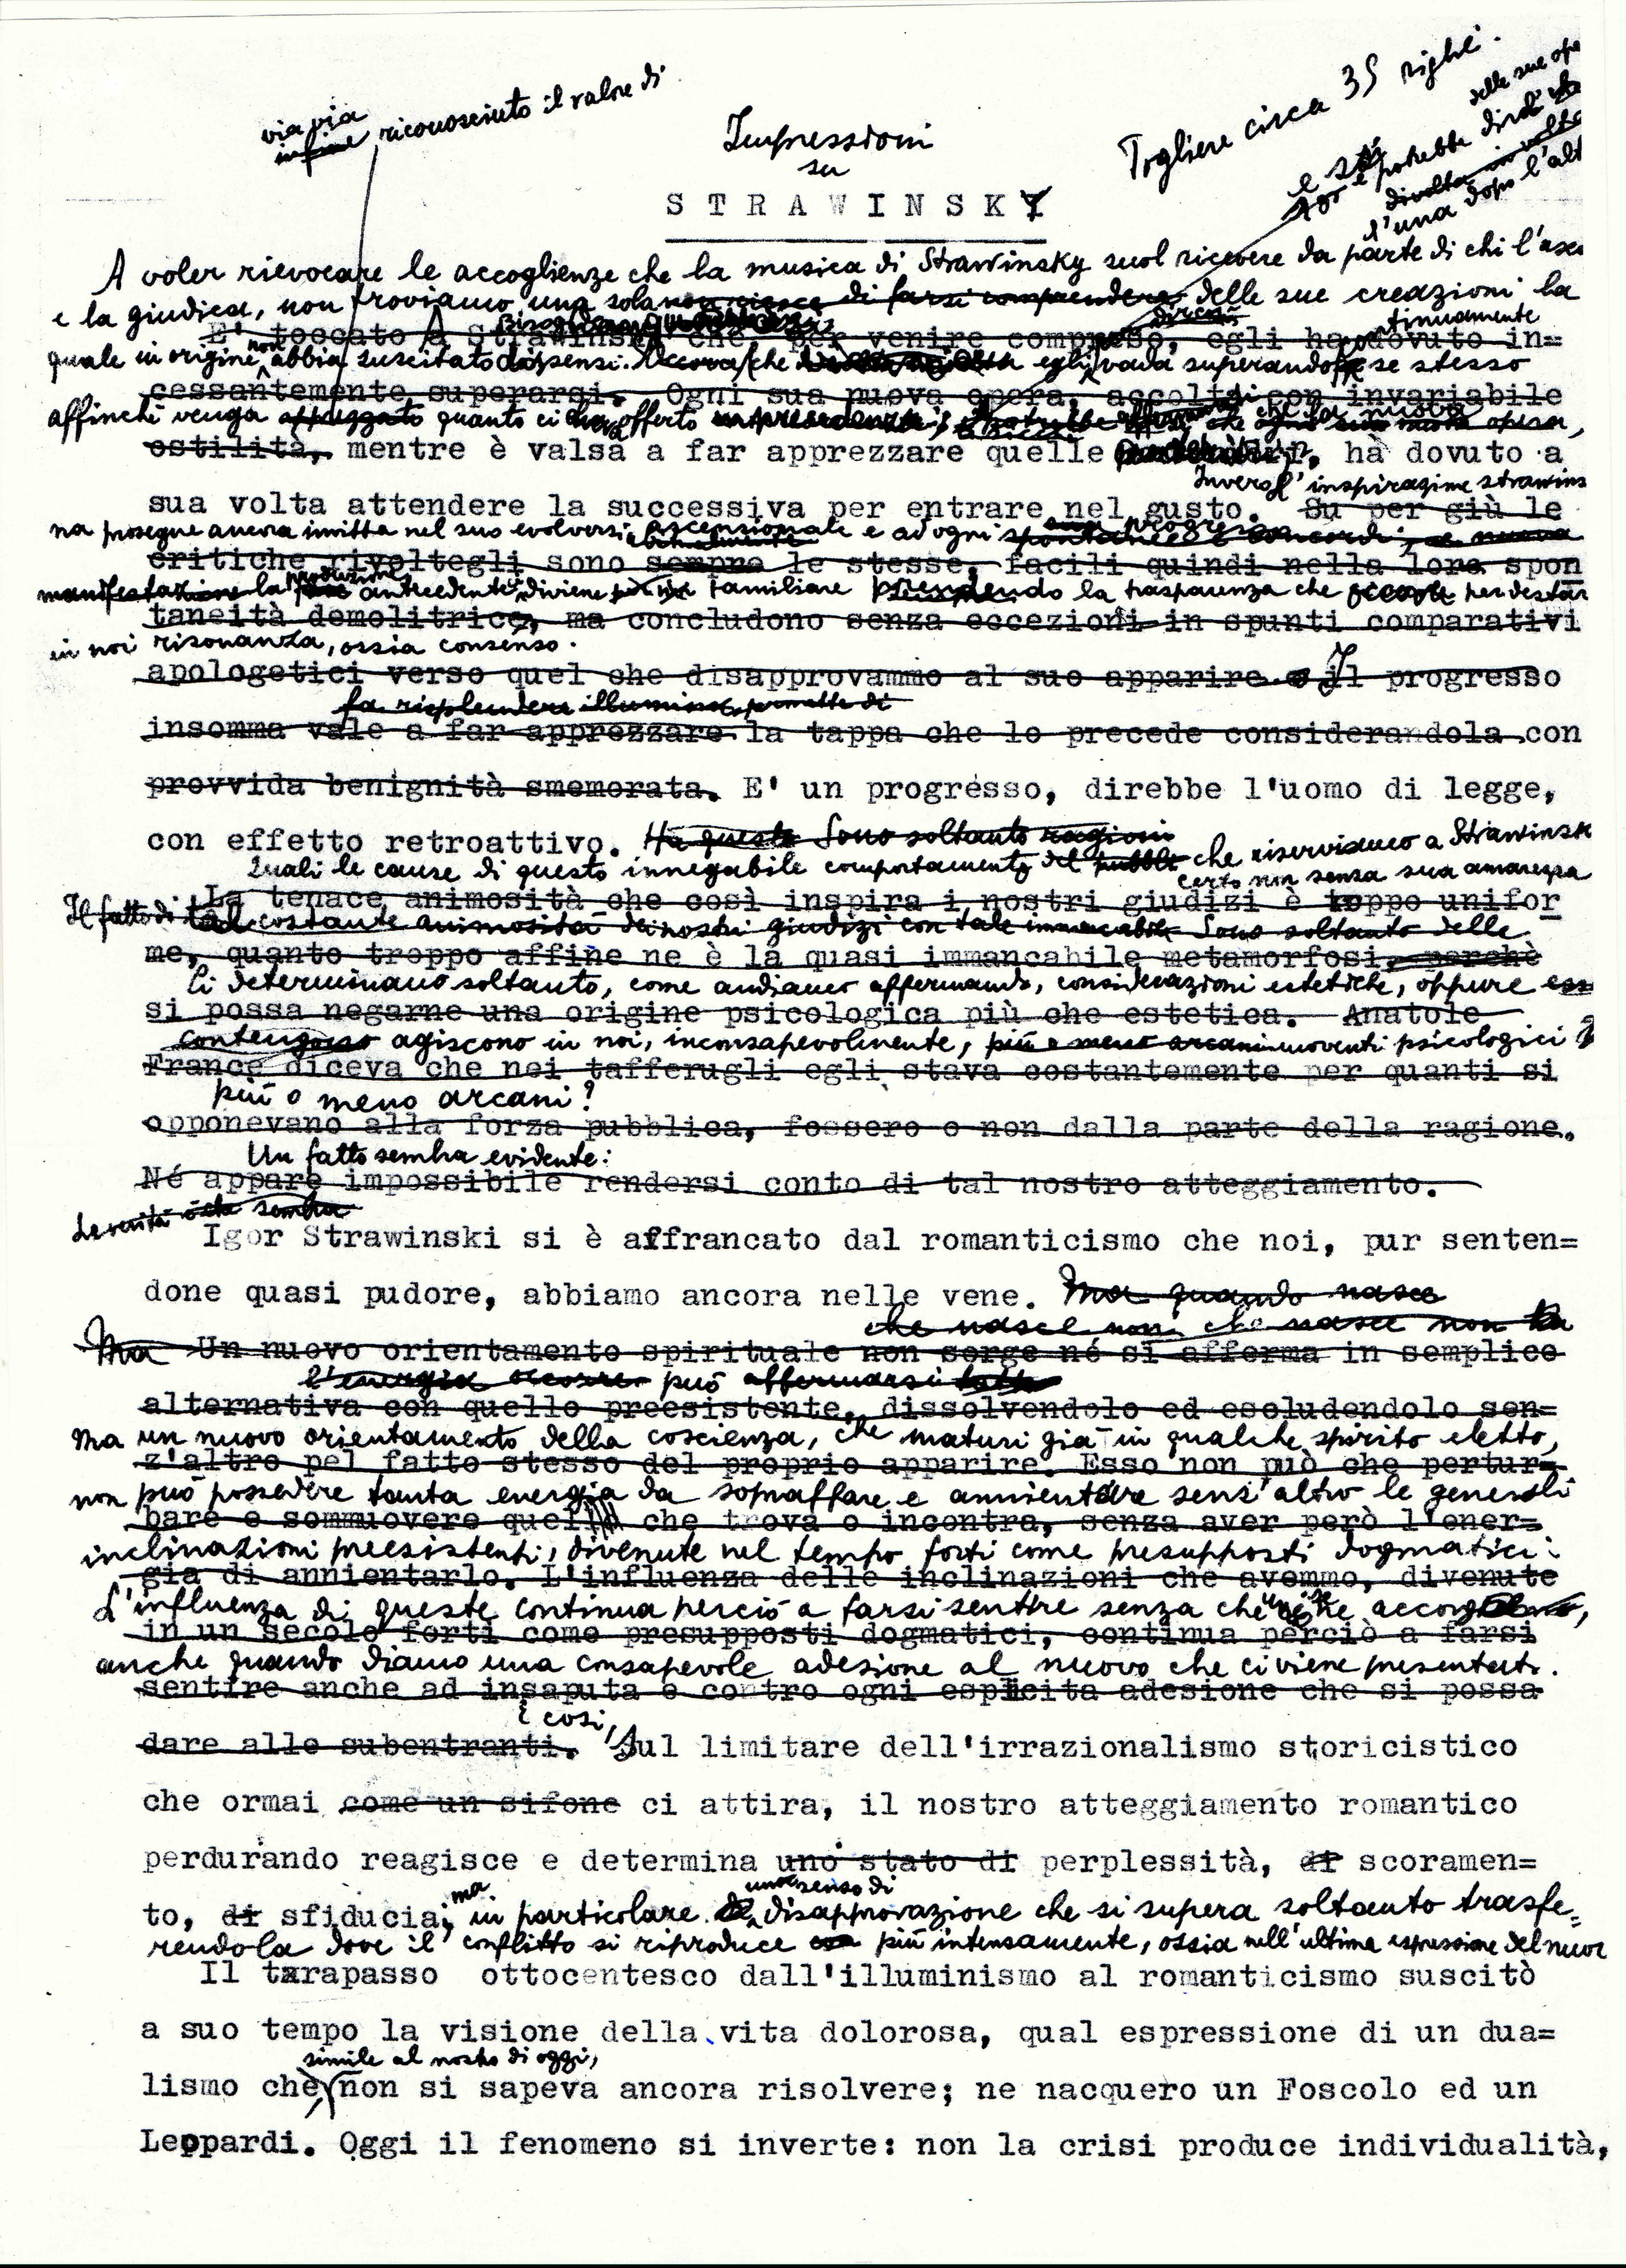 """Grafia di Antonio Pizzuto """"Impressioni su Strawiinsky 01"""""""